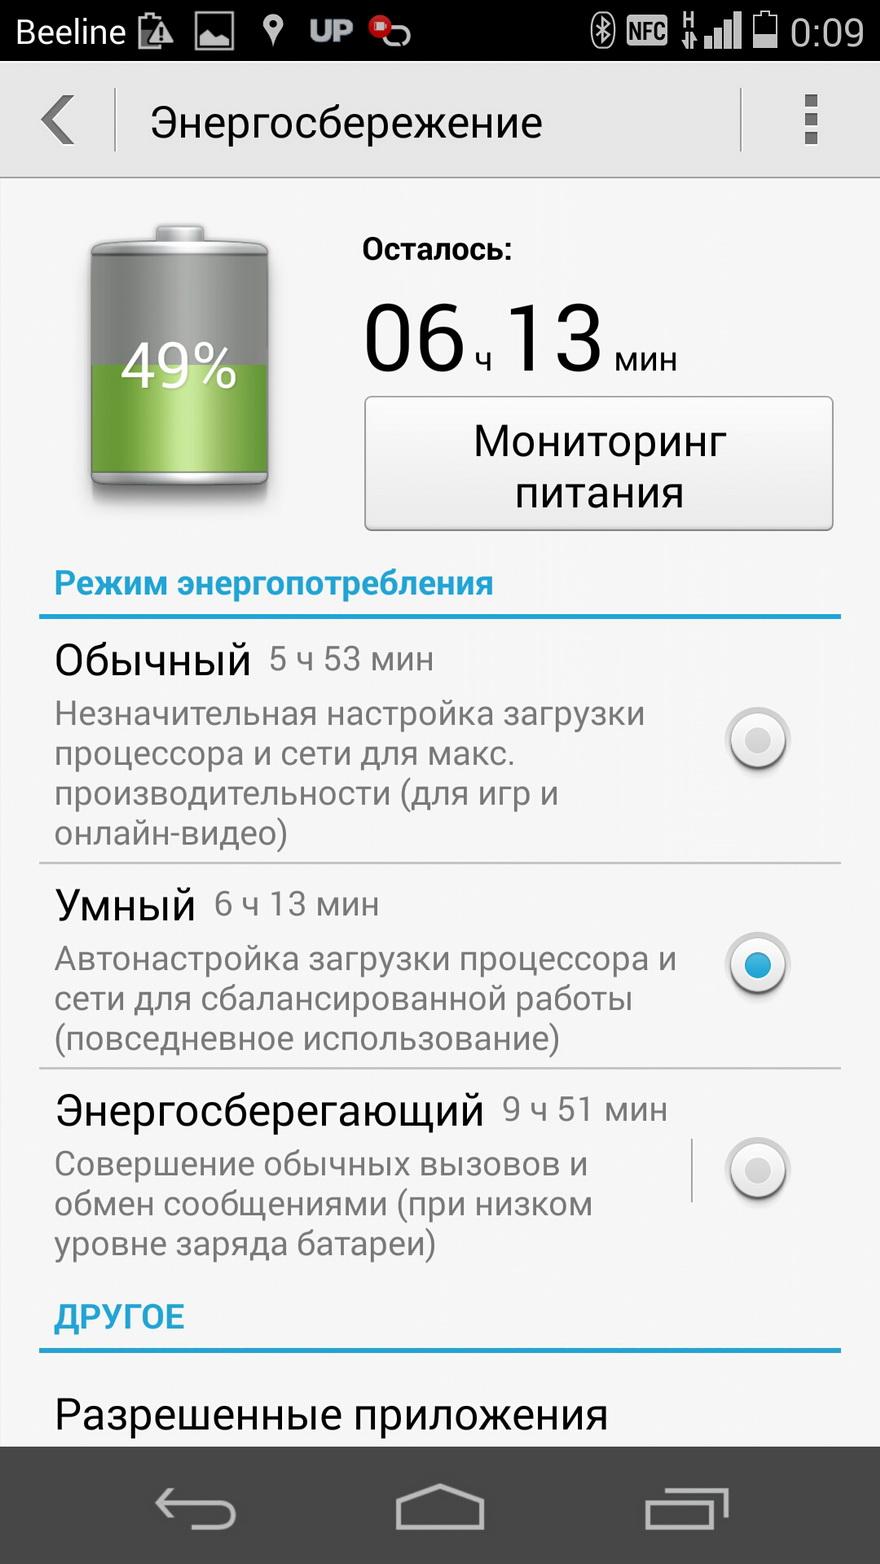 Huawei Ascend P7-энергосбережение